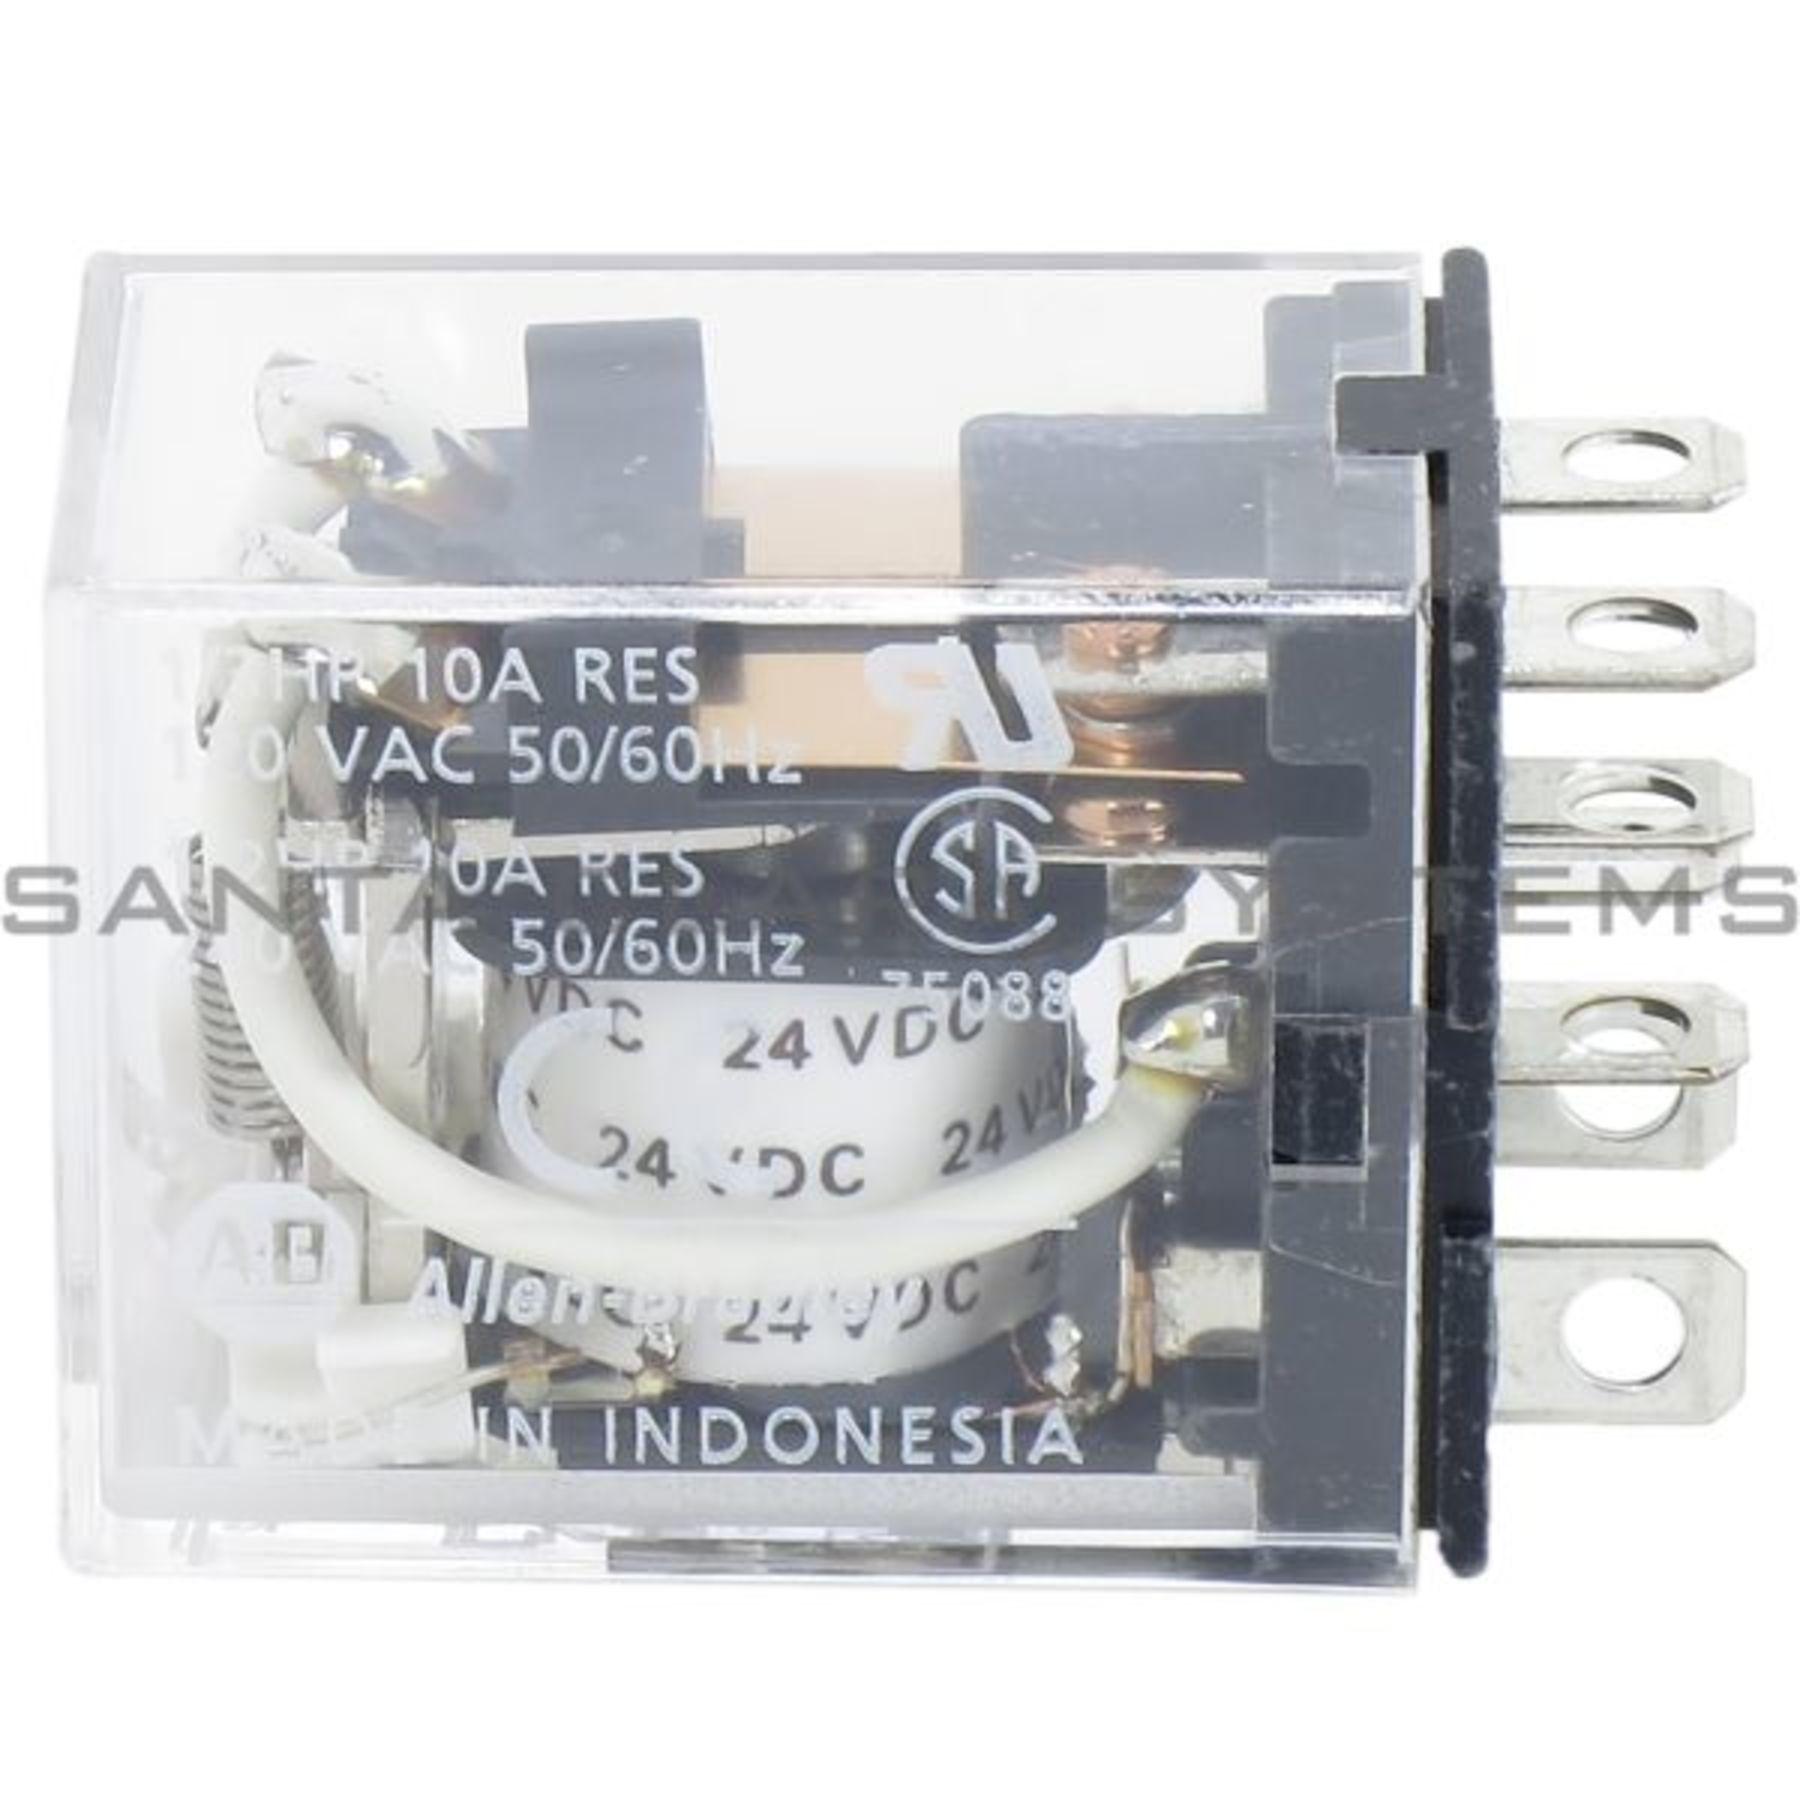 SQUARE D 700-HF32Z24-4 Plug-in Relay SER B 24V-DC